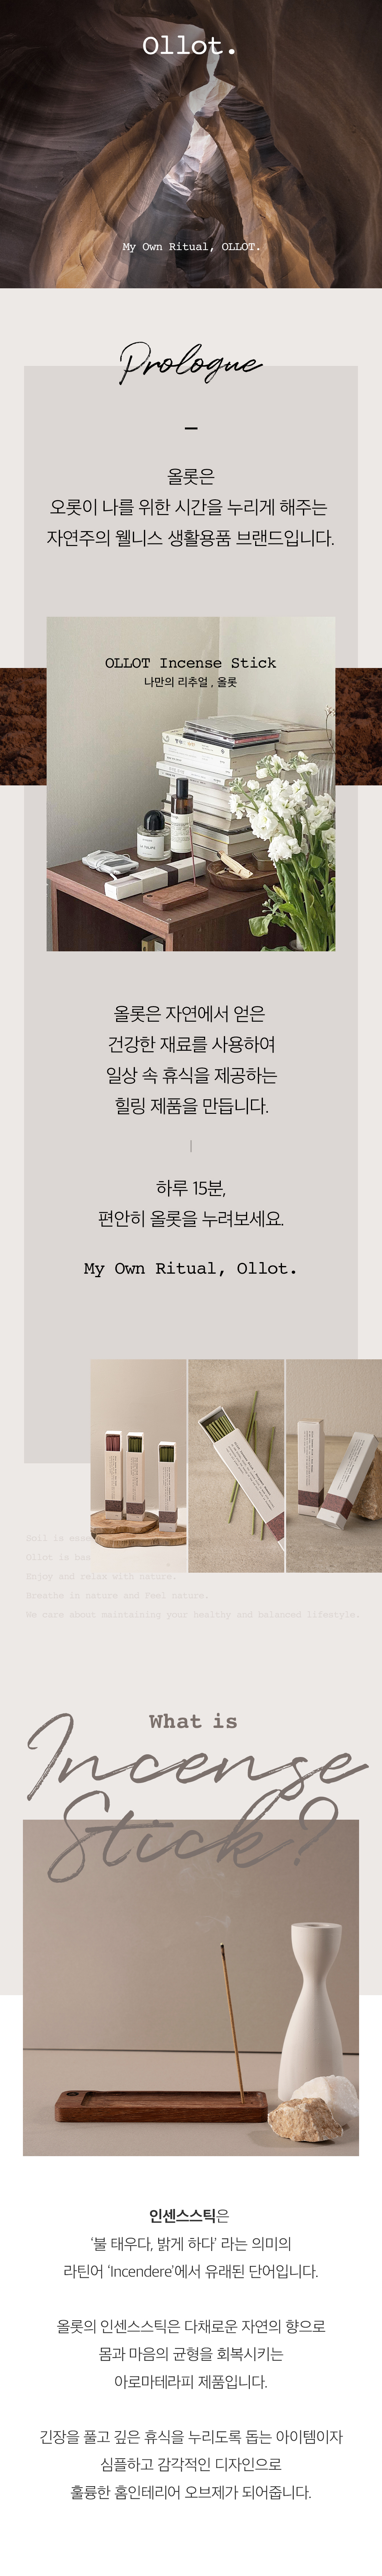 올롯(OLLOT) 인센스스틱 로즈향 1팩